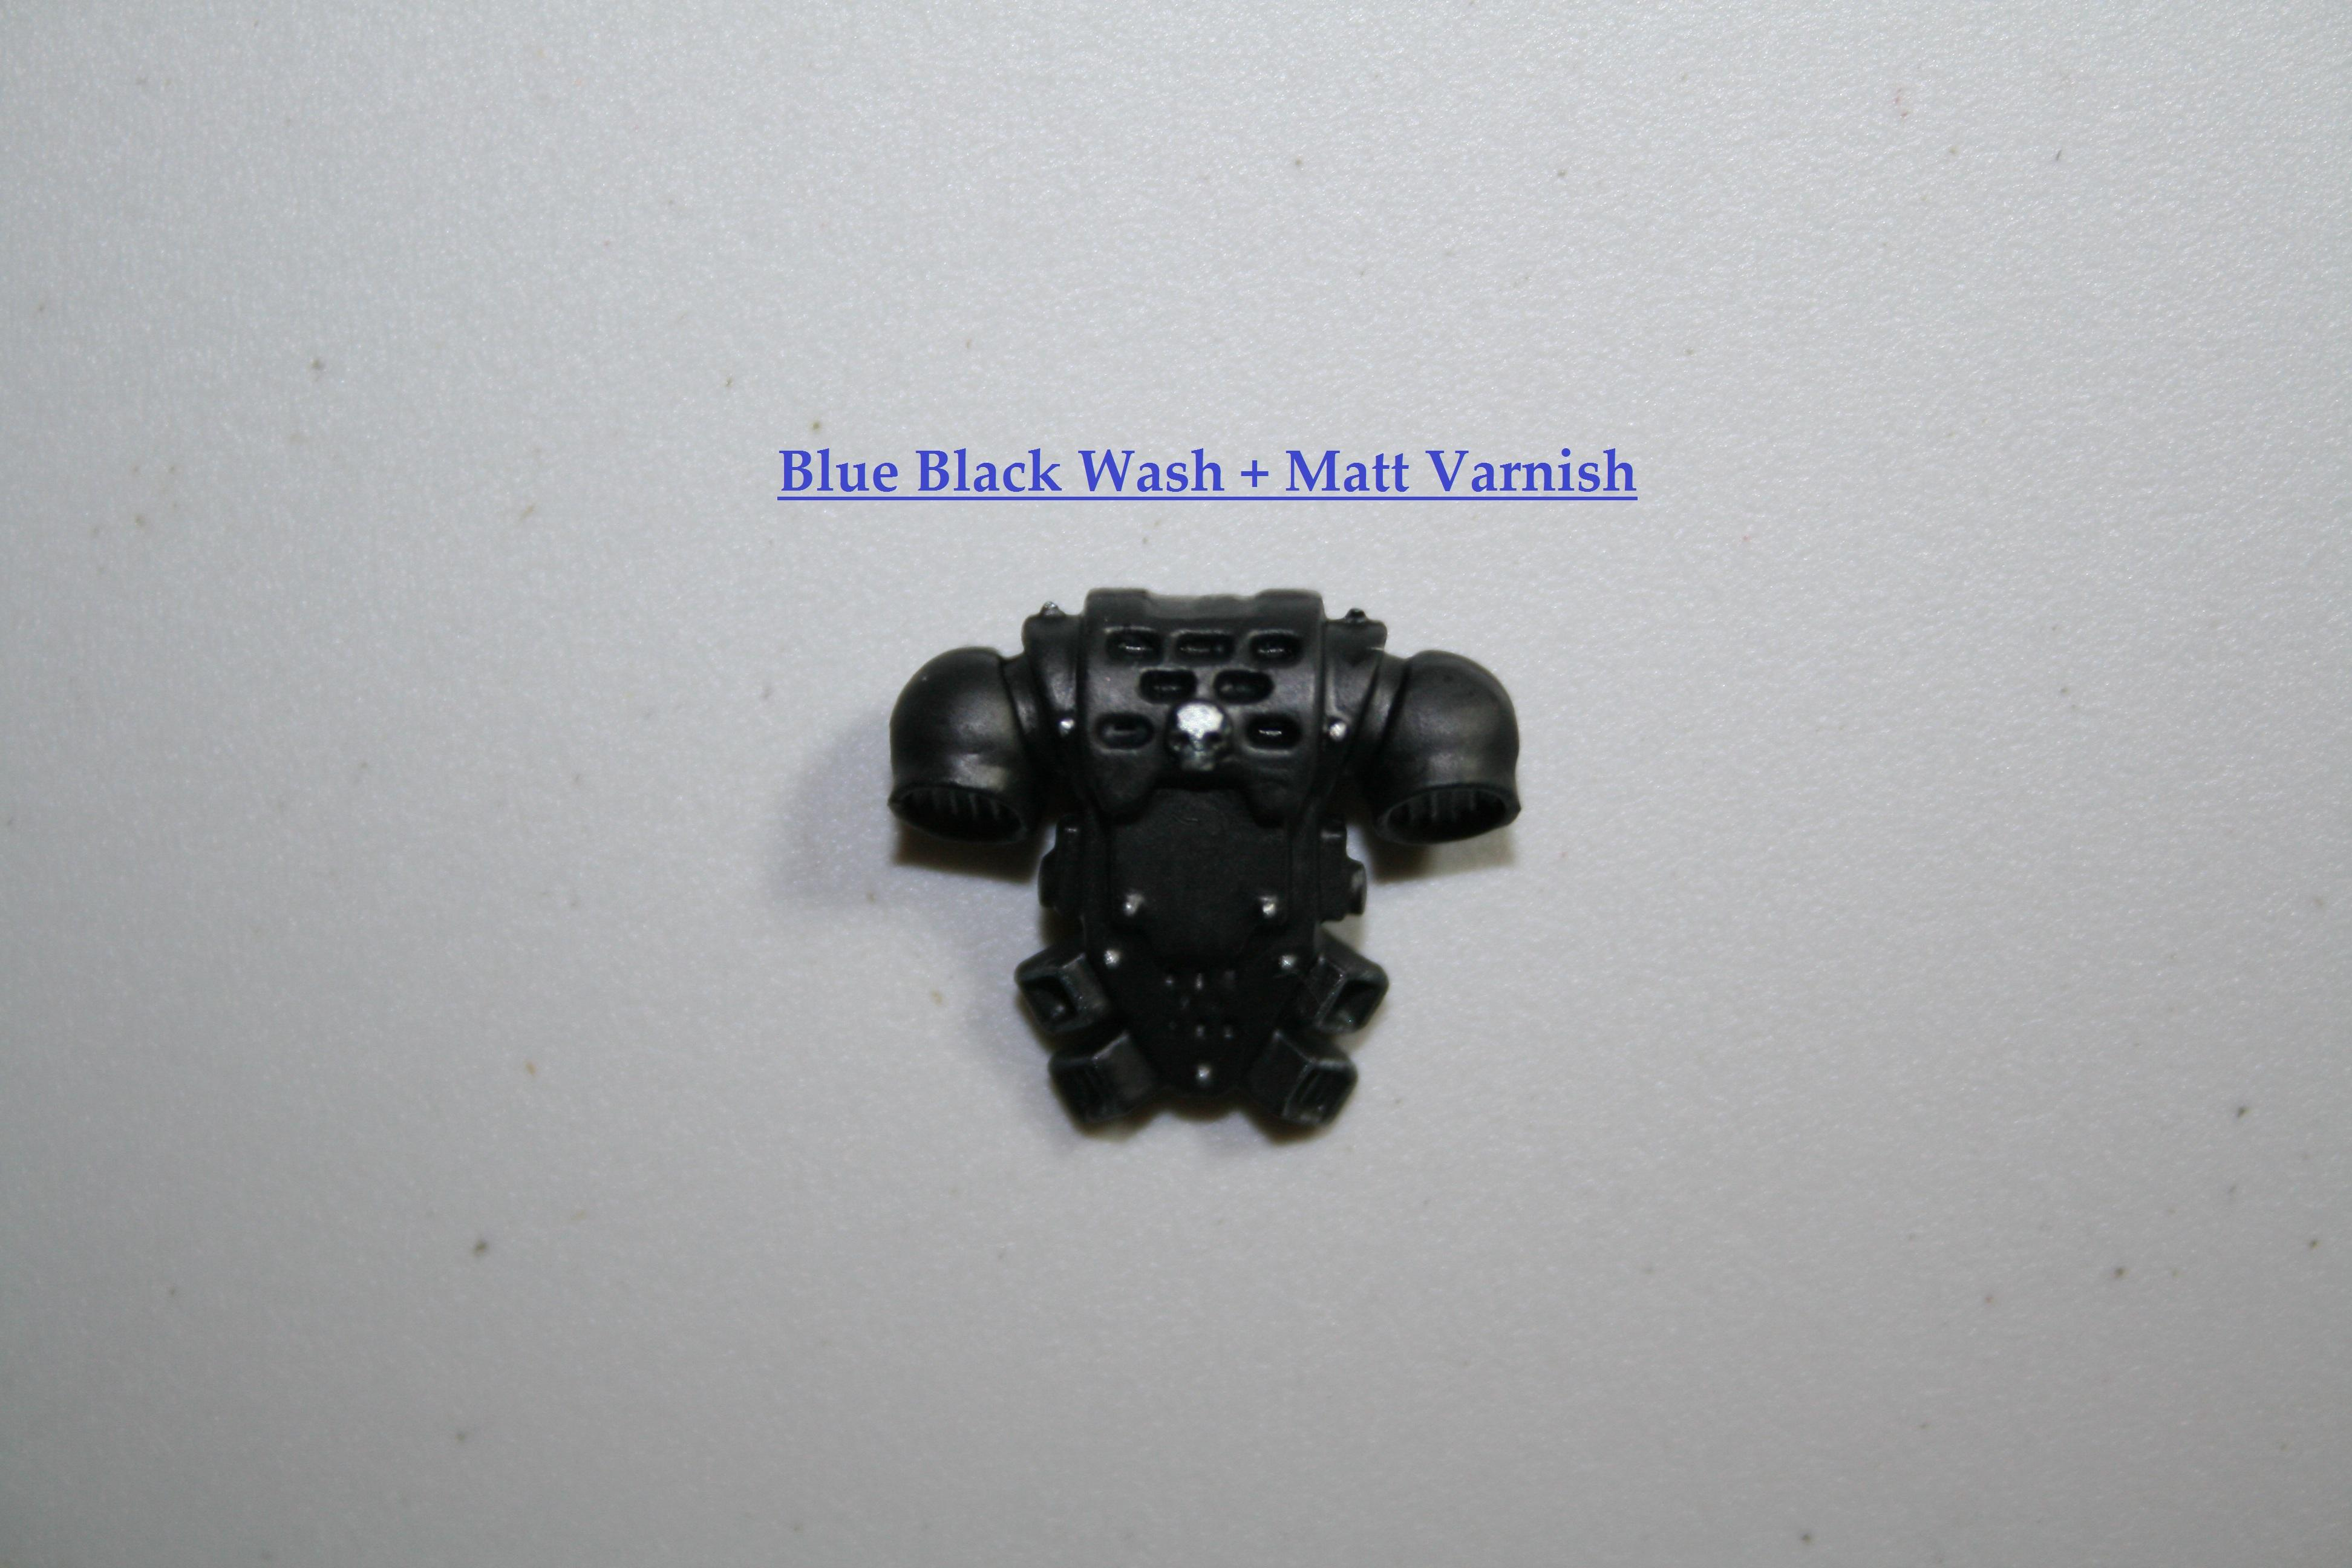 Blue Black Wash + Matt Varnish Front